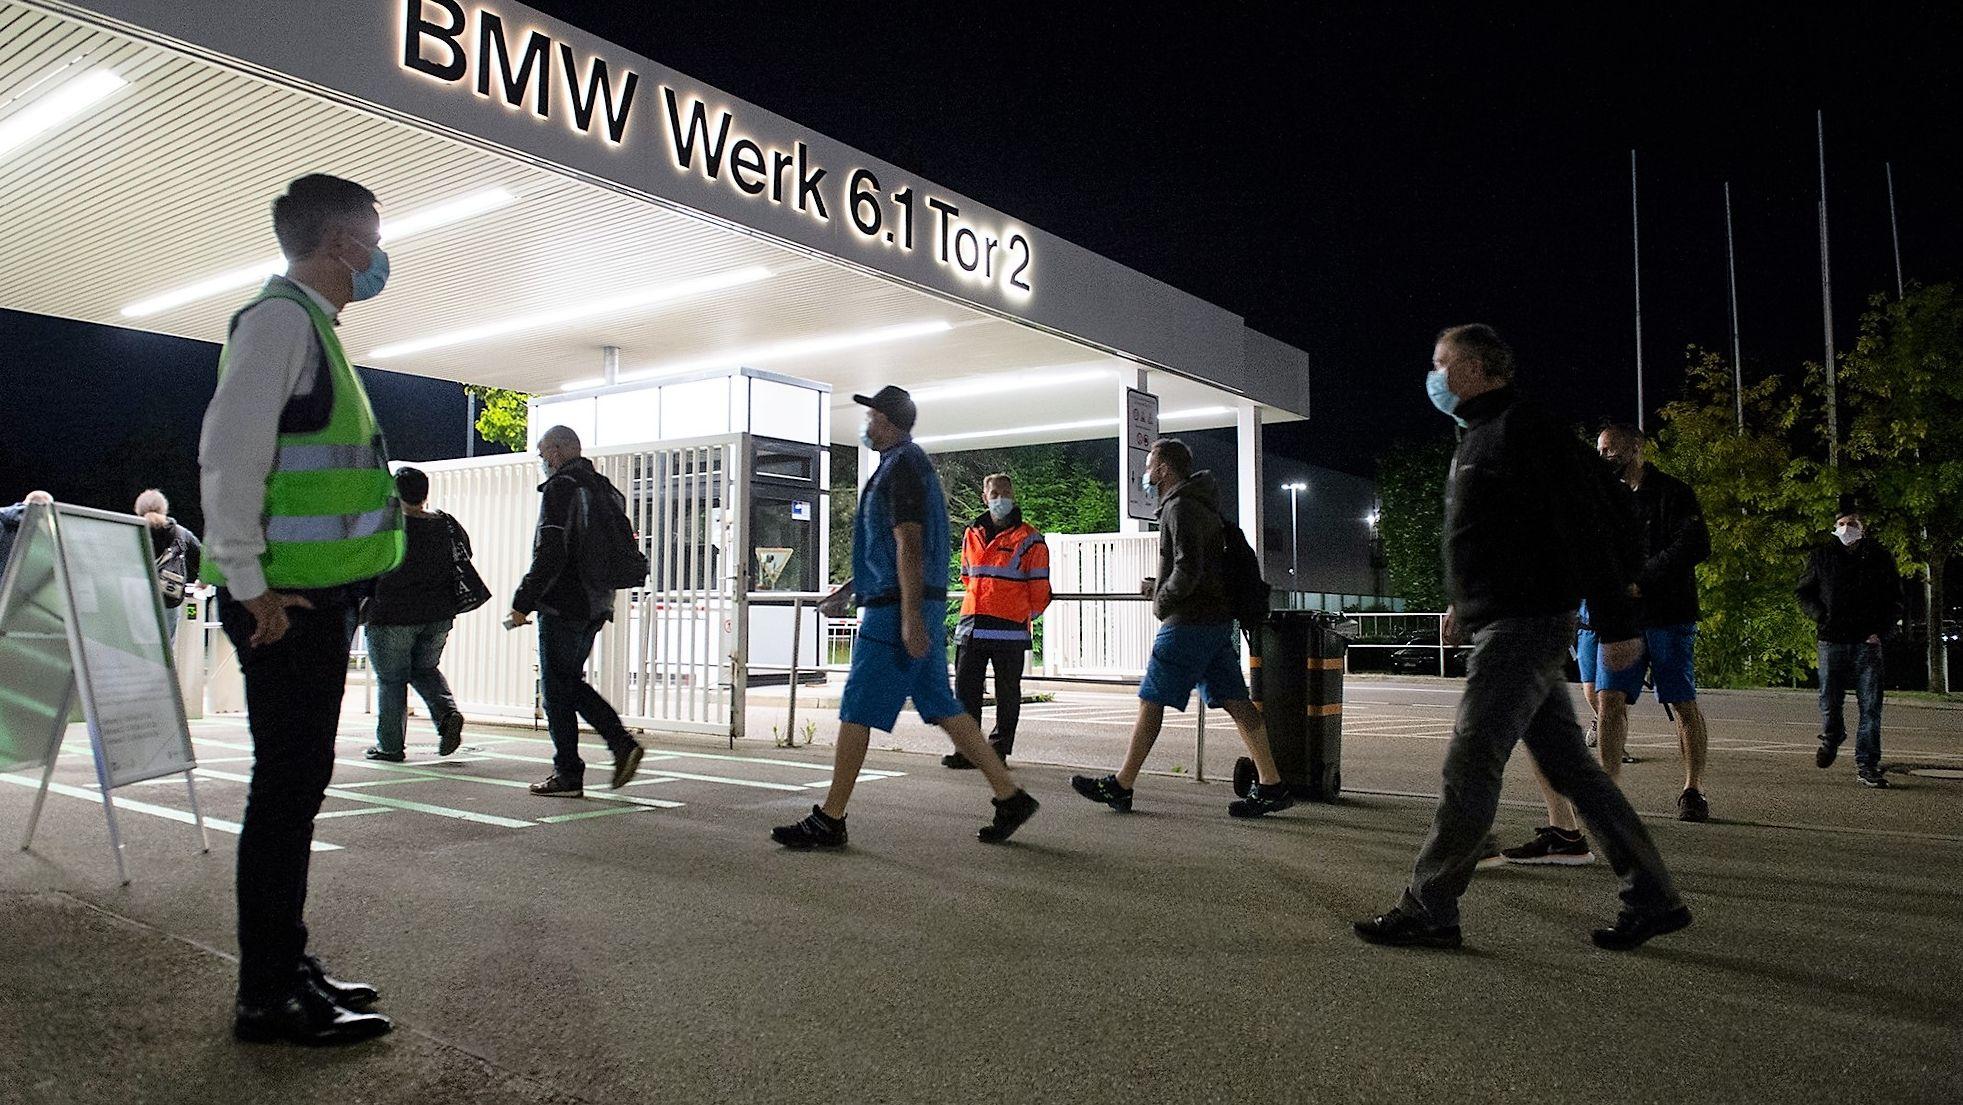 BMW-Mitarbeiter am Werkstor